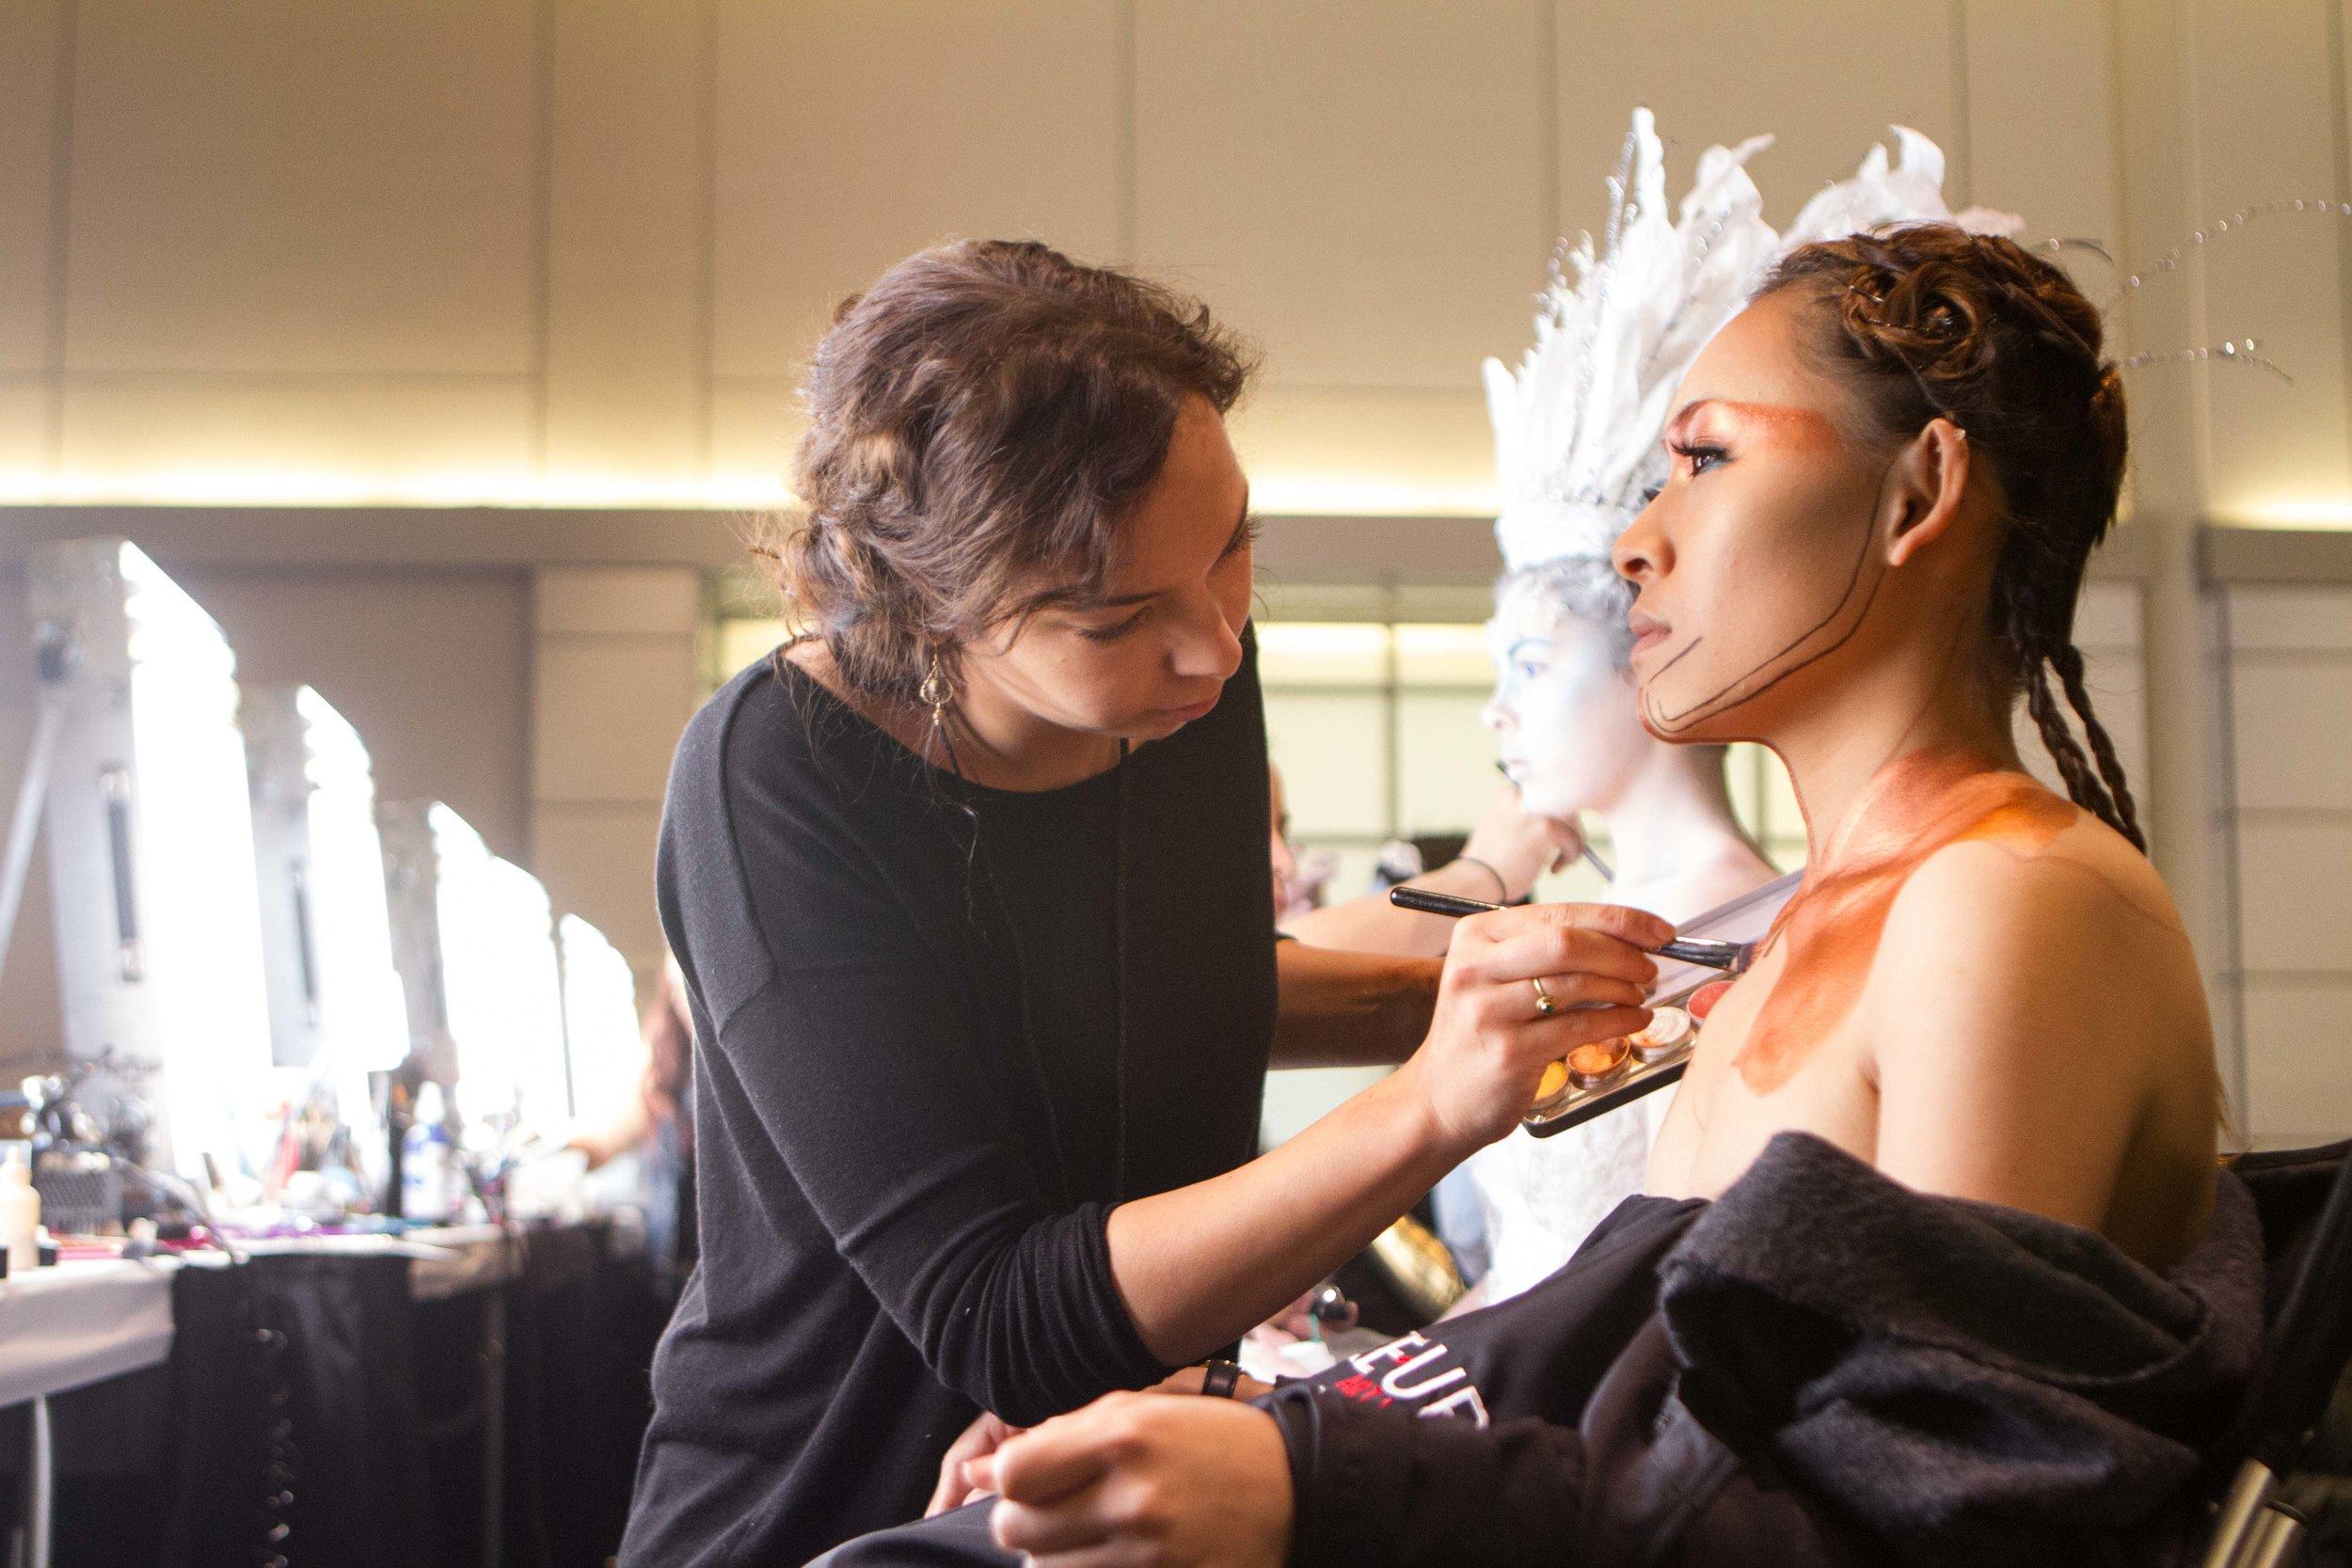 IMATS 2017 - Battle of the Brushes Special Effects Makeup (www.KyleReaArt.com - www.KyleReaPhotography.com) 23.jpg